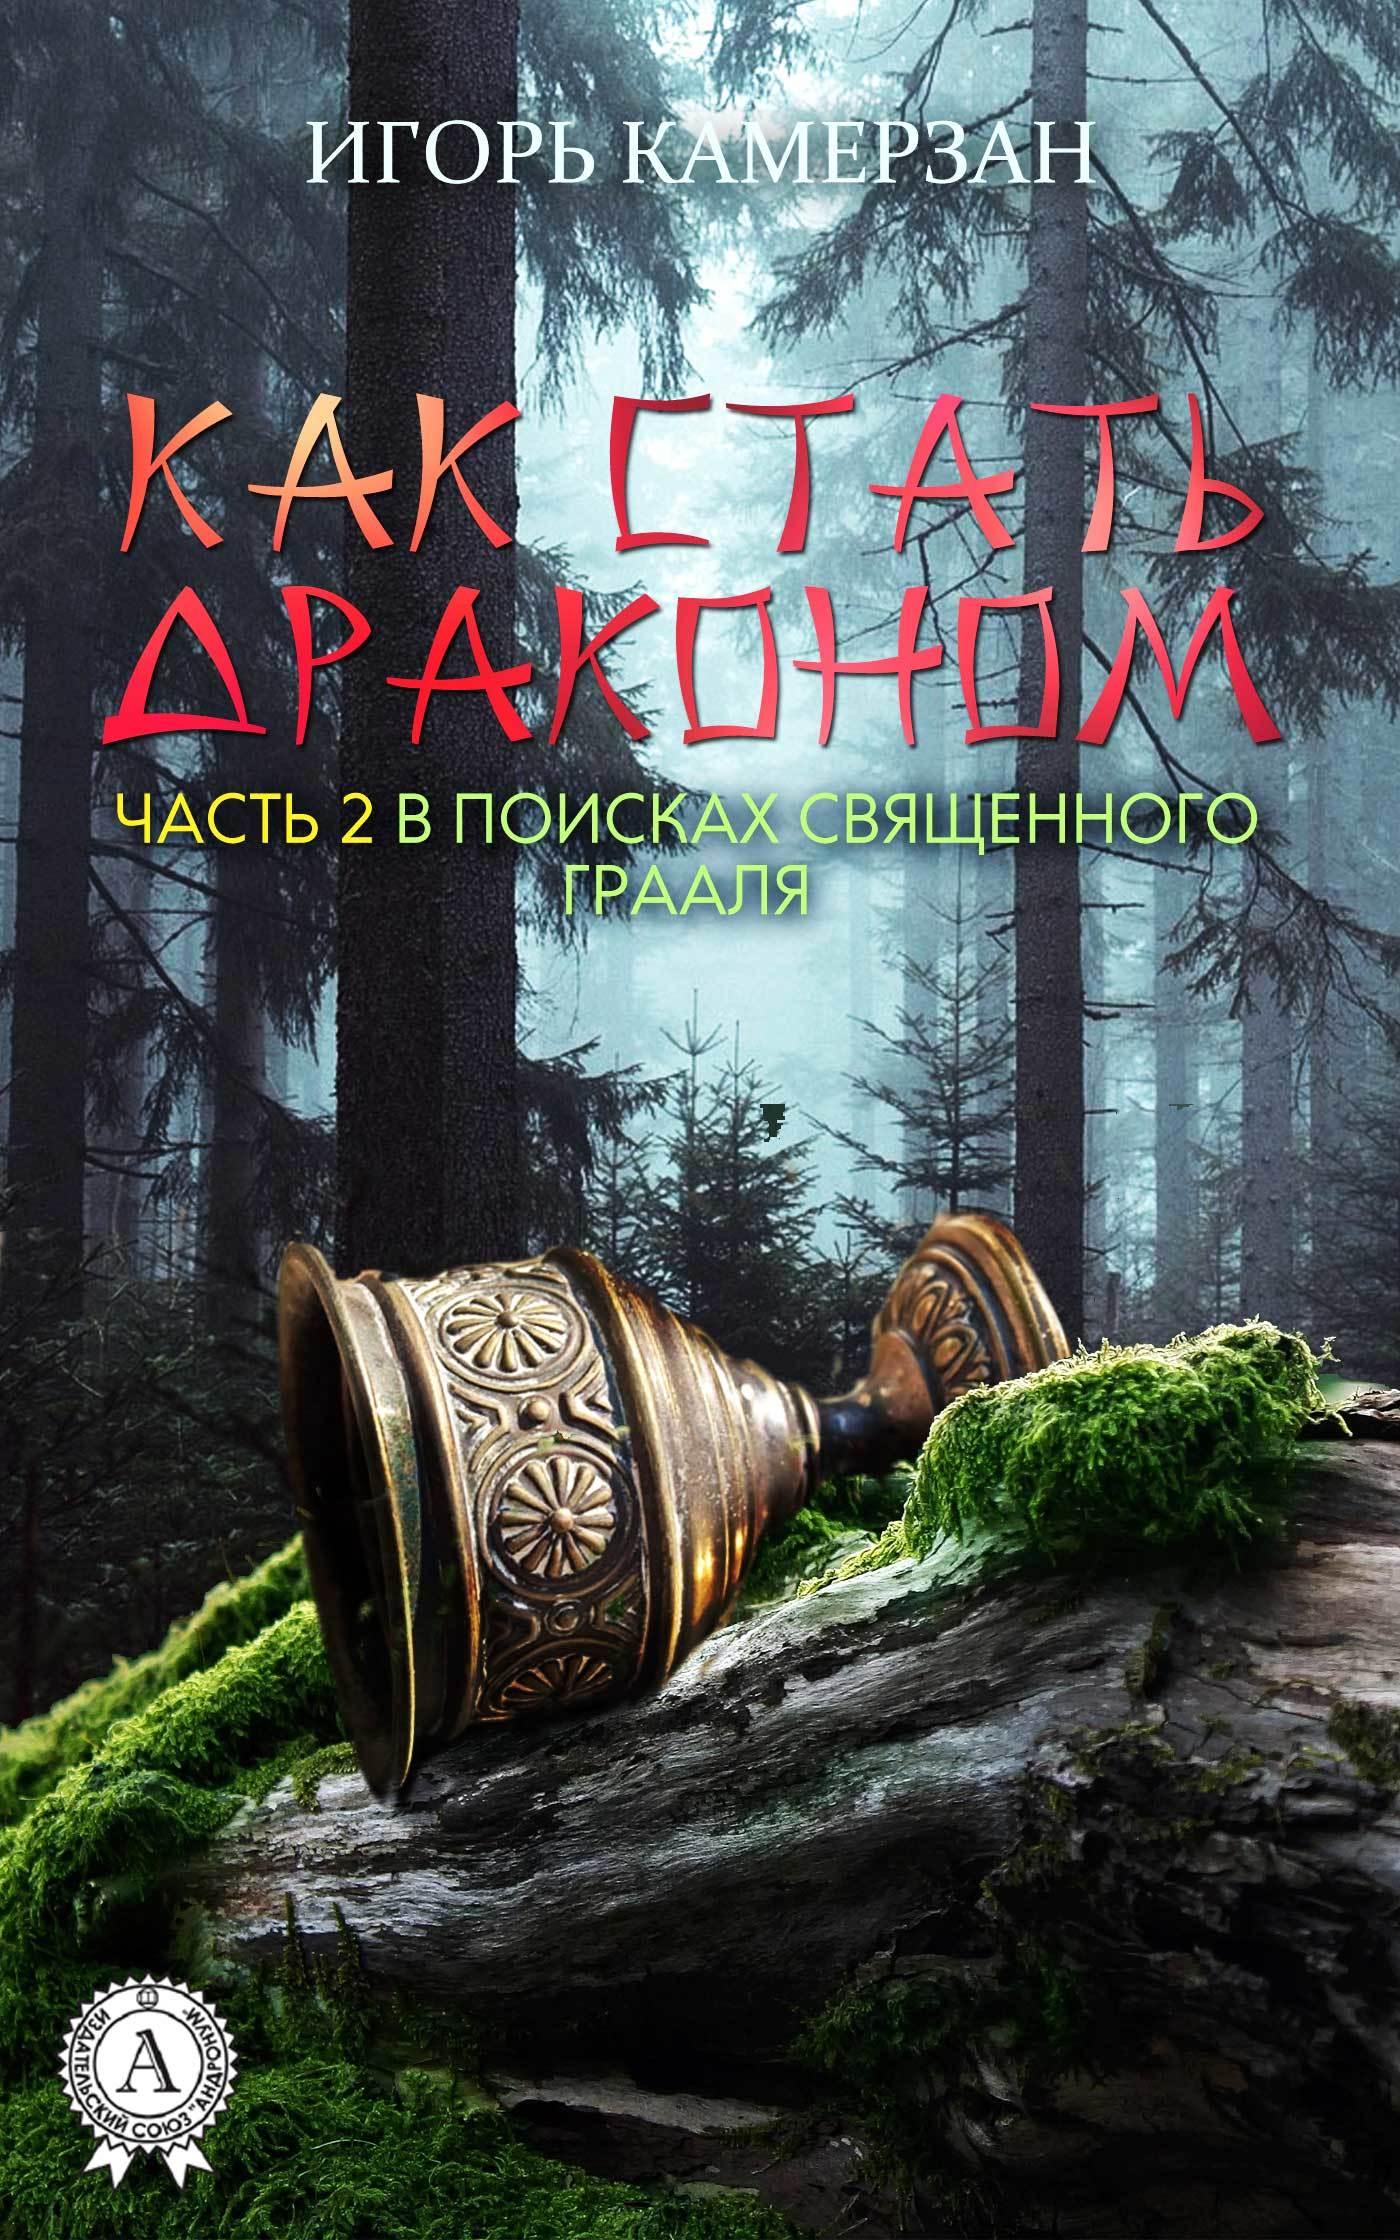 Игорь Камерзан В поисках священного Грааля